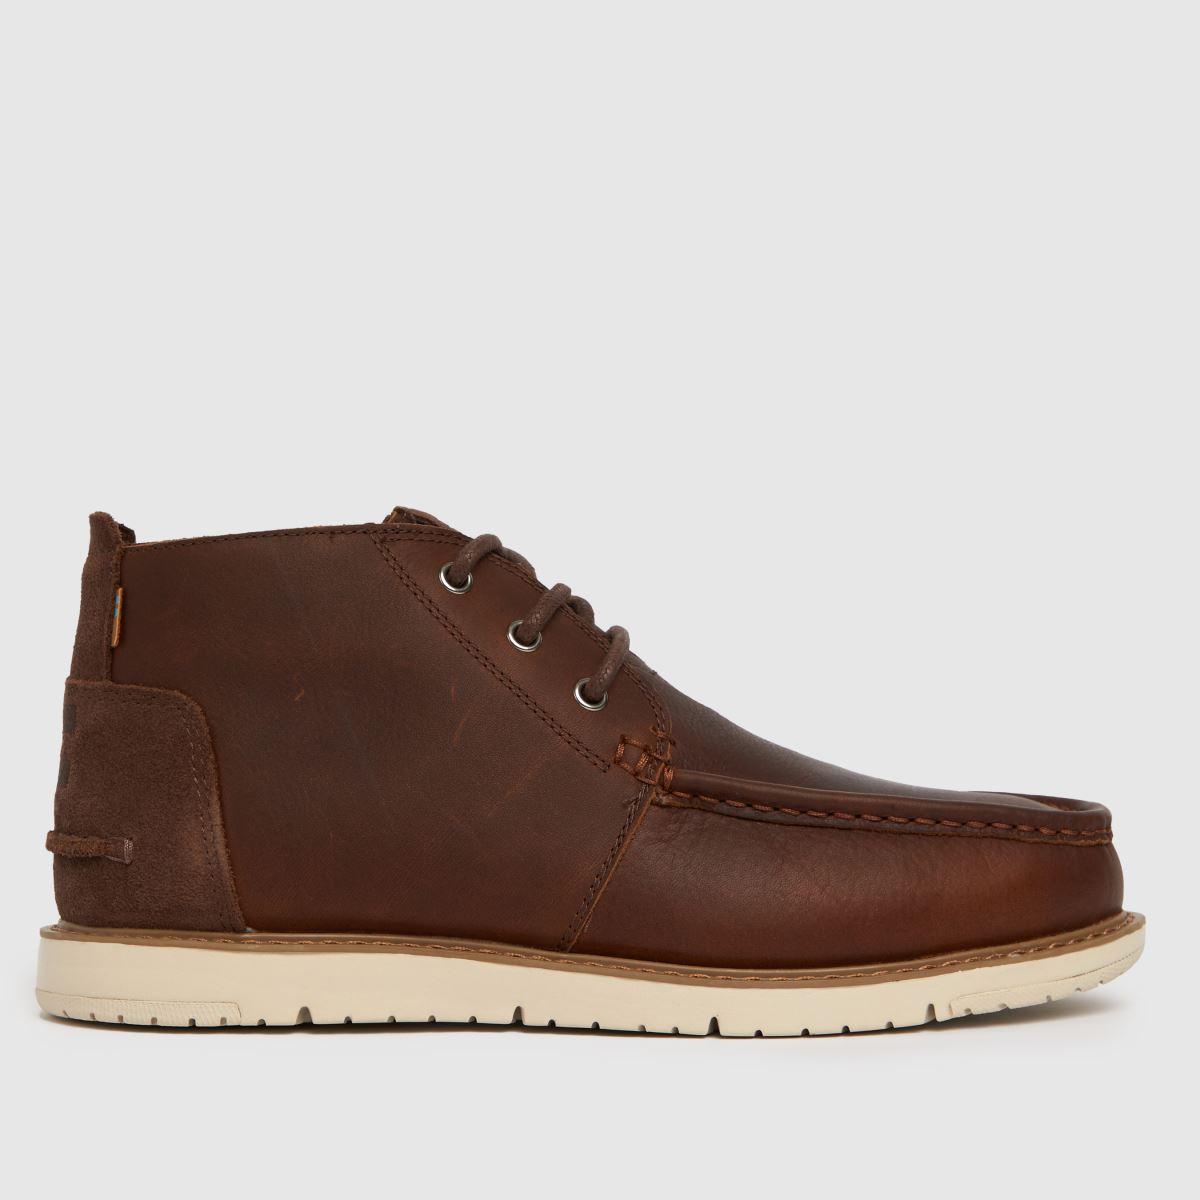 TOMS Dark Brown Navi Chukka Boots